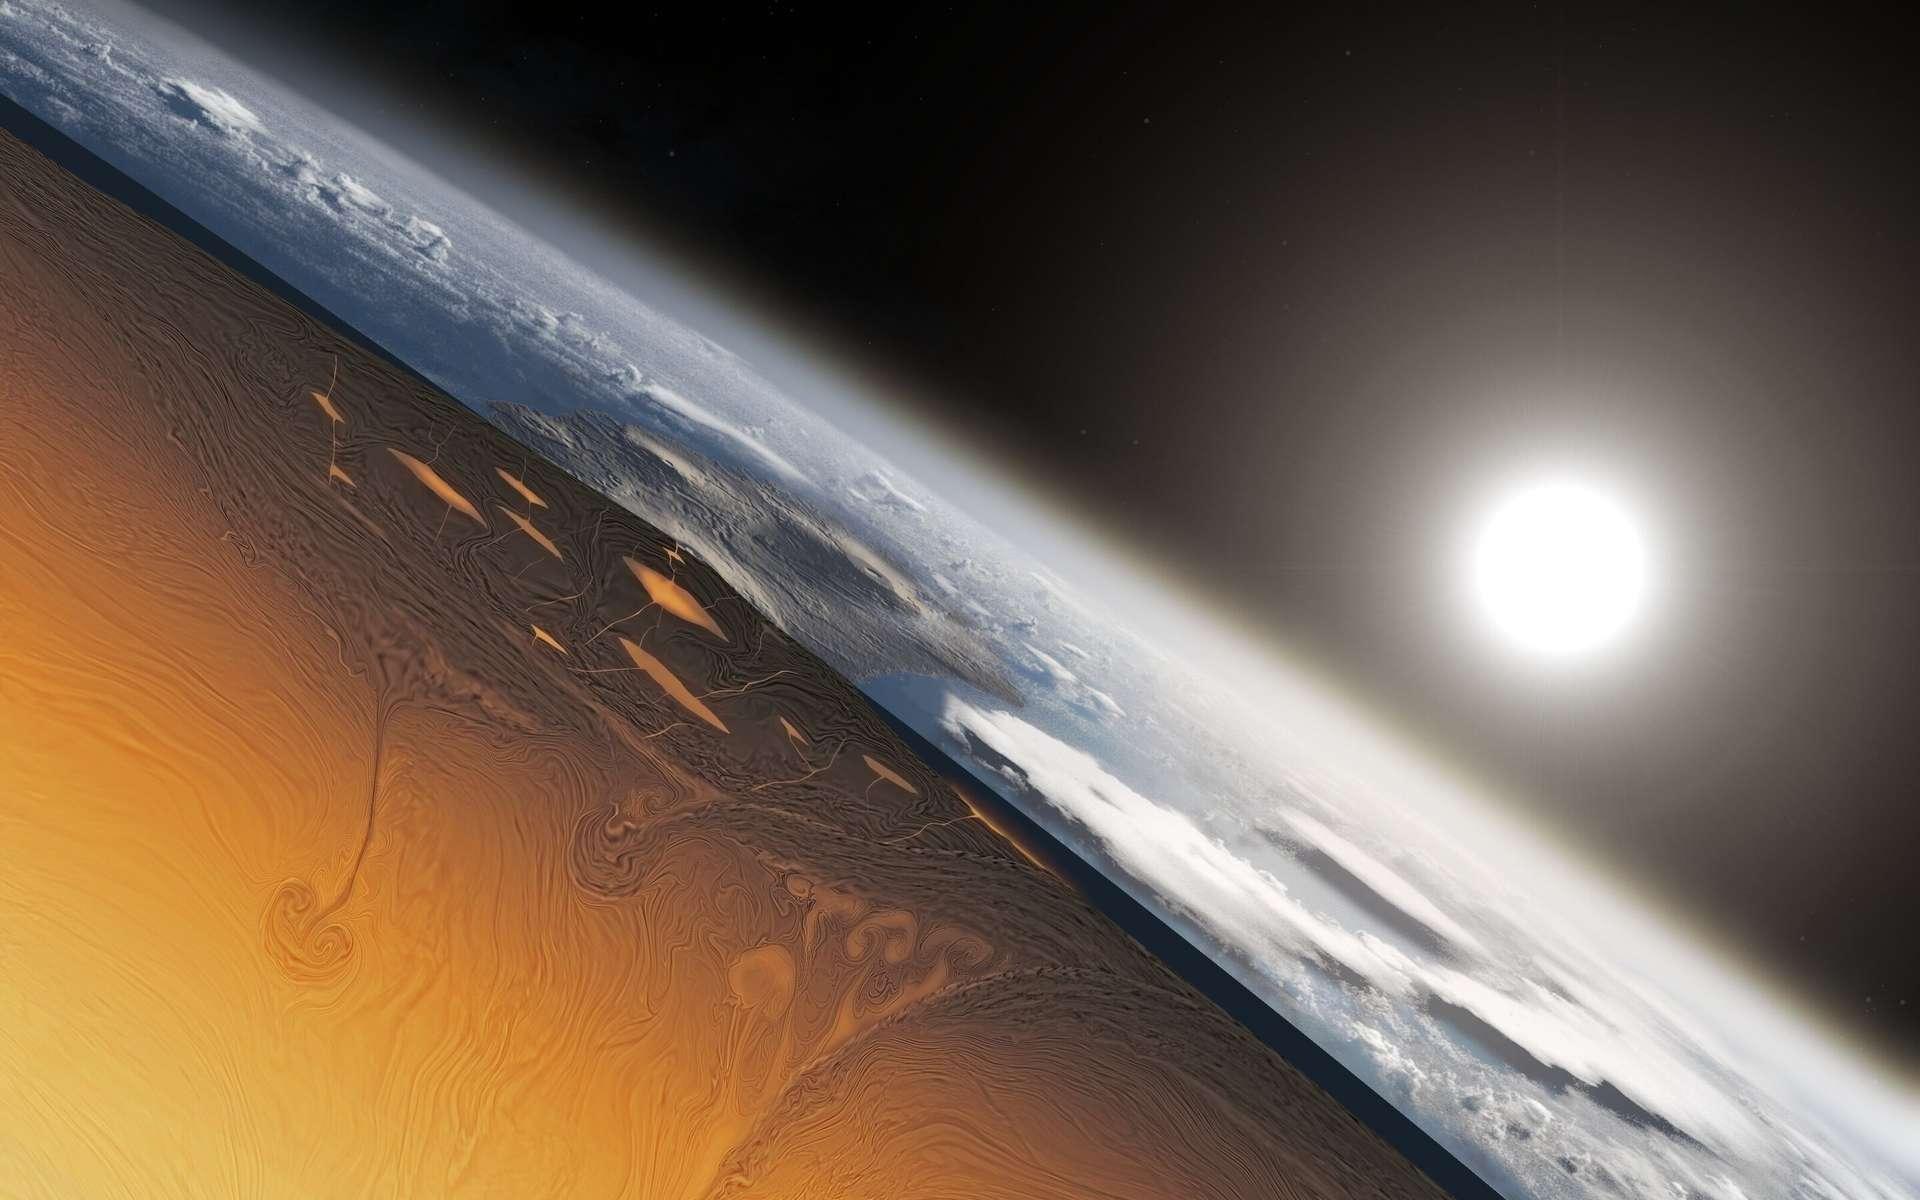 Une vue d'artiste montrant une coupe de l'intérieur de la Terre pendant l'Archéen avec des mouvements de convection du manteau chaud mais néanmoins solide, il ne s'agissait pas d'un océan de magma. On voit tout de même quelques chambres magmatiques juste sous la croûte. © Alec Brenner, Harvard University